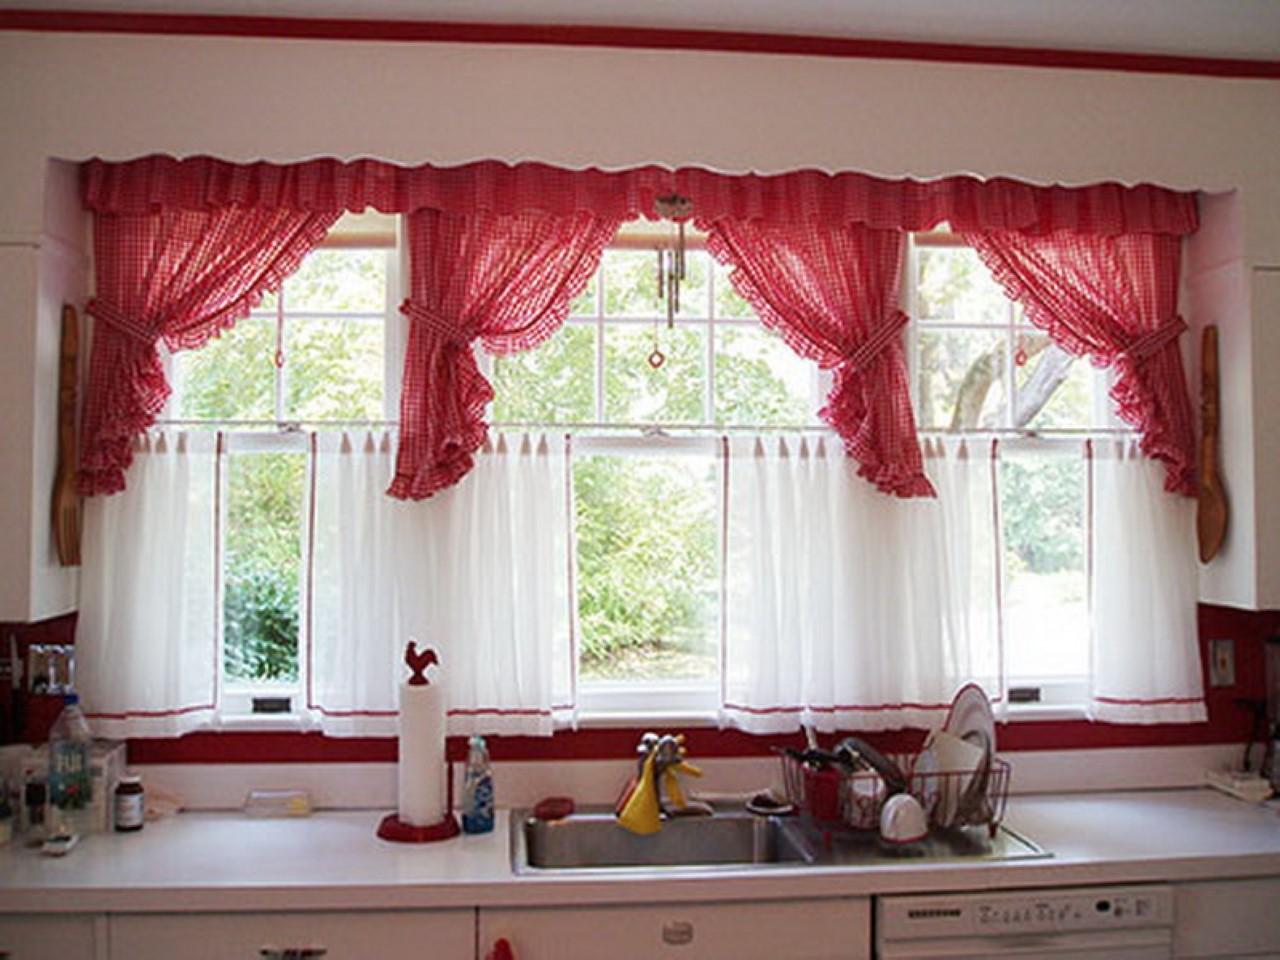 mutfak için Kırmızı perde modelleri ve fiyatları